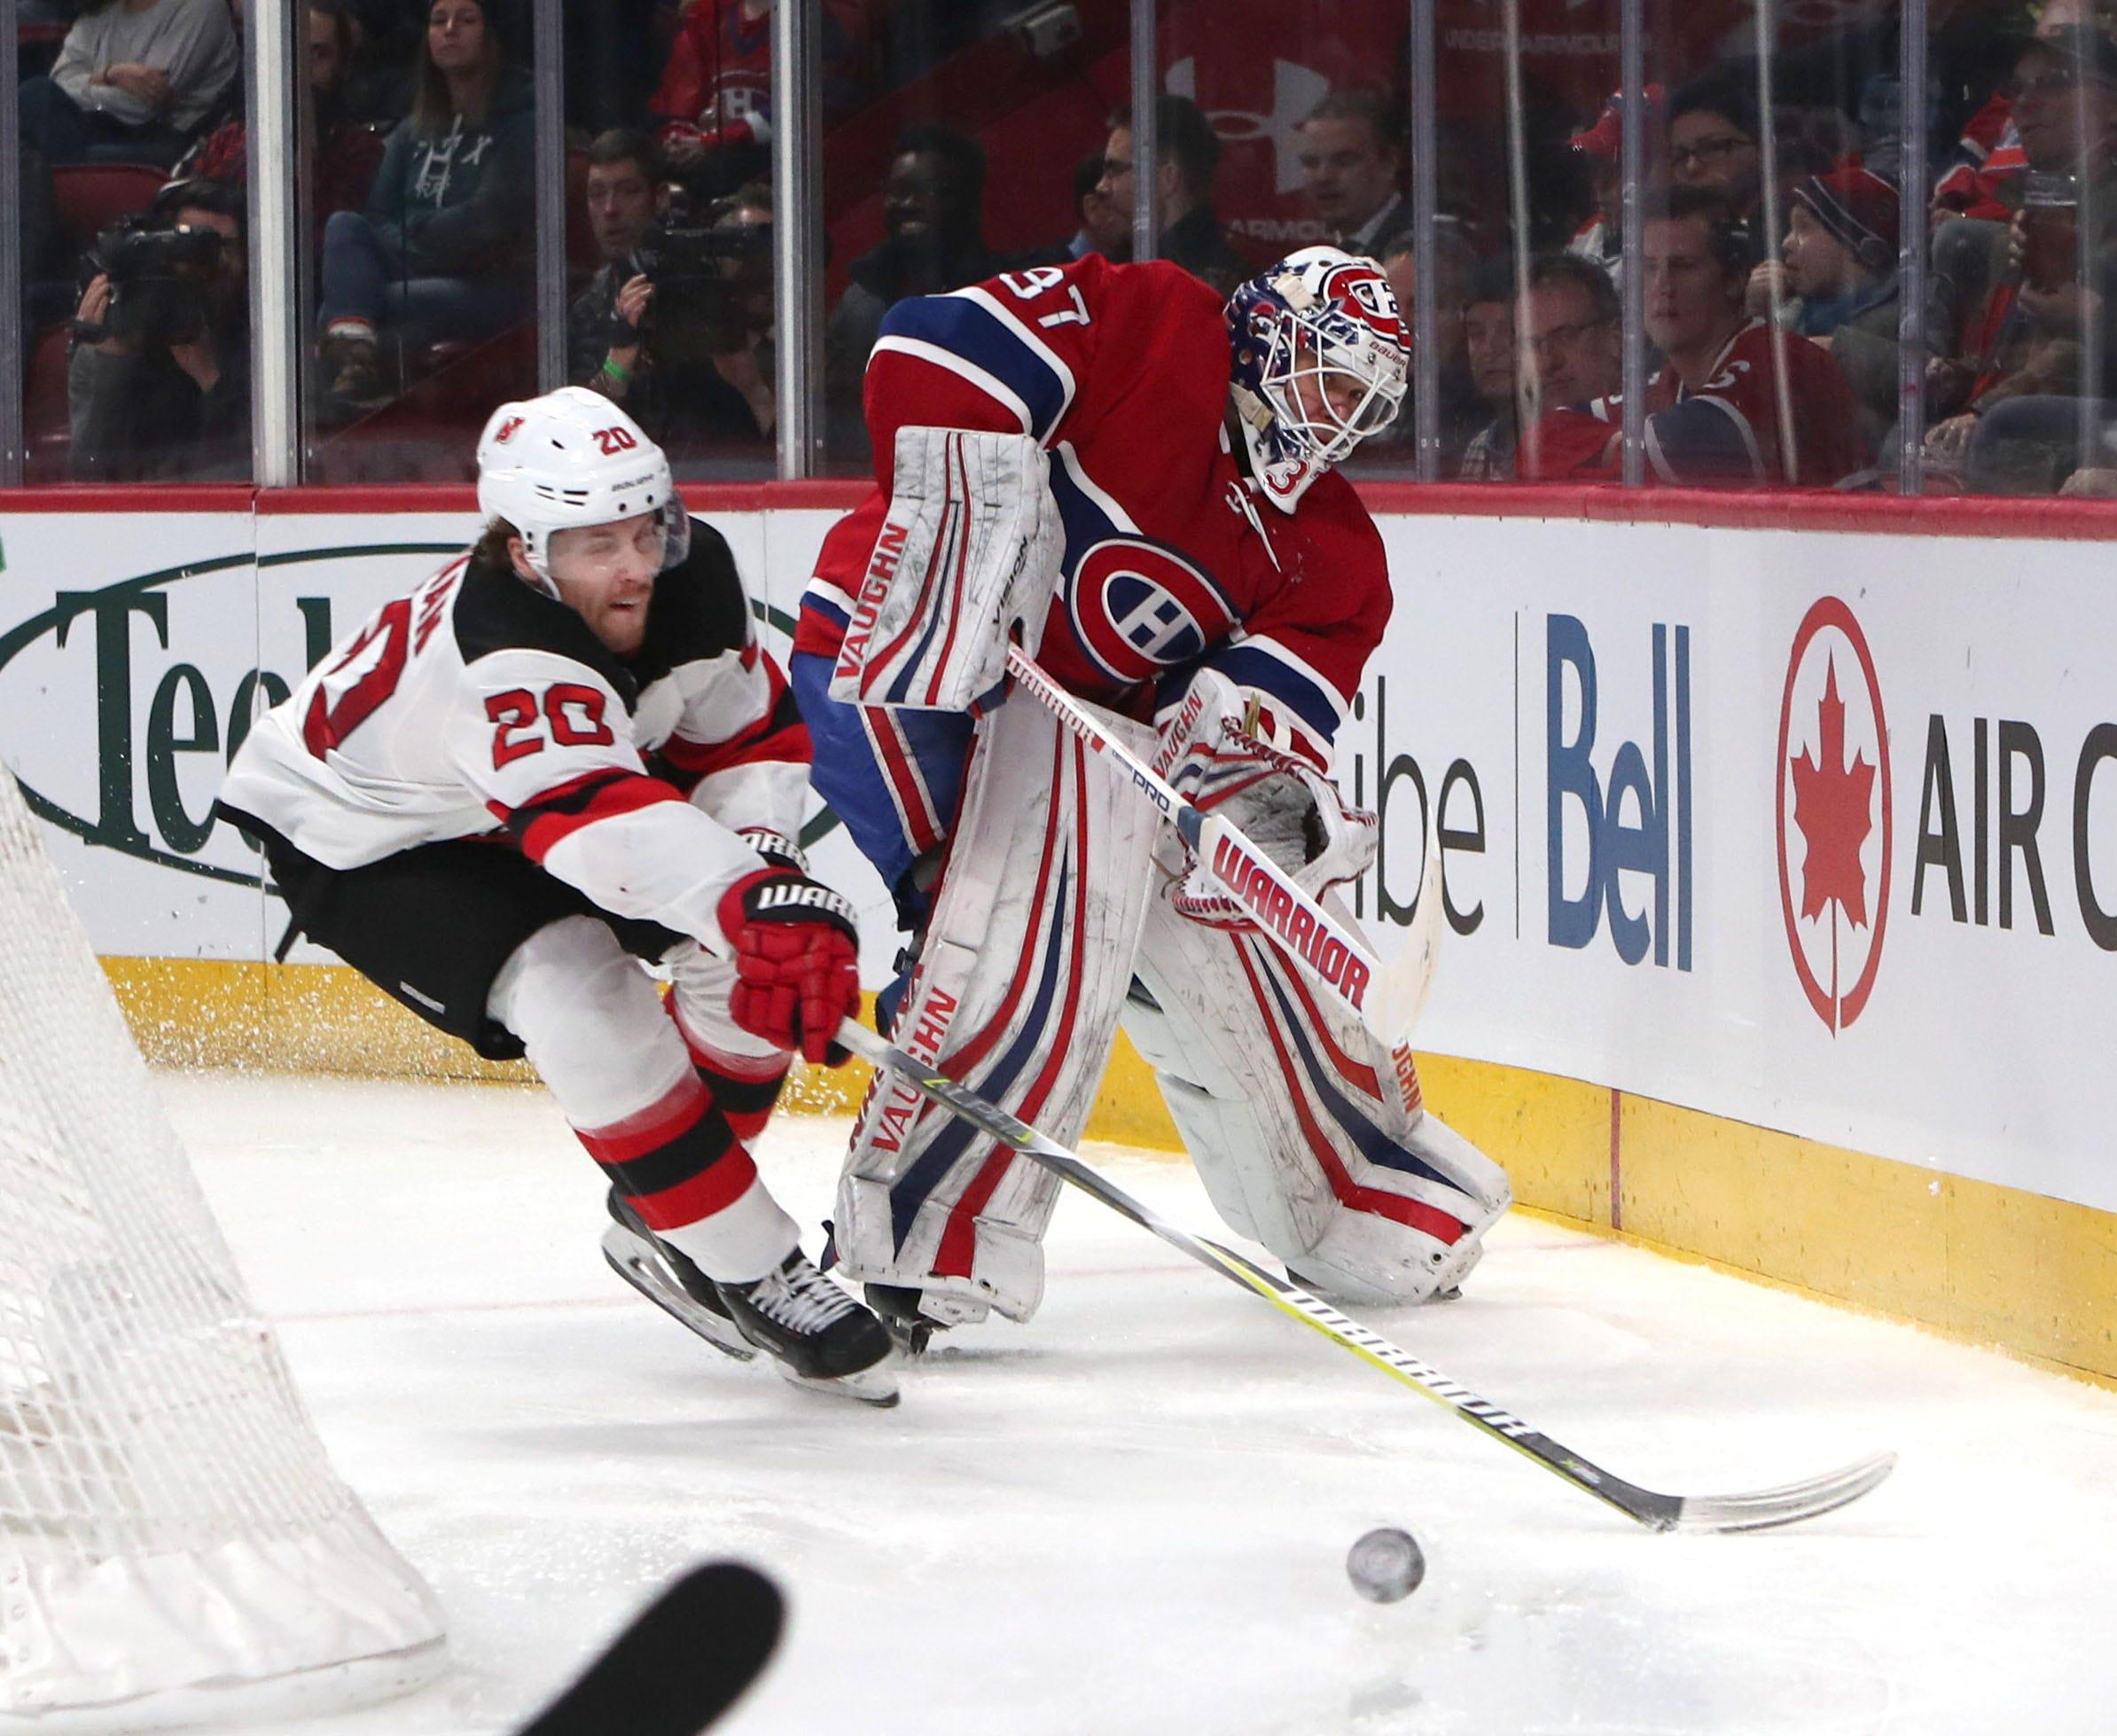 c8e1edf1d Nico Hischier scores twice to lead NJ Devils to OT win over Canadiens